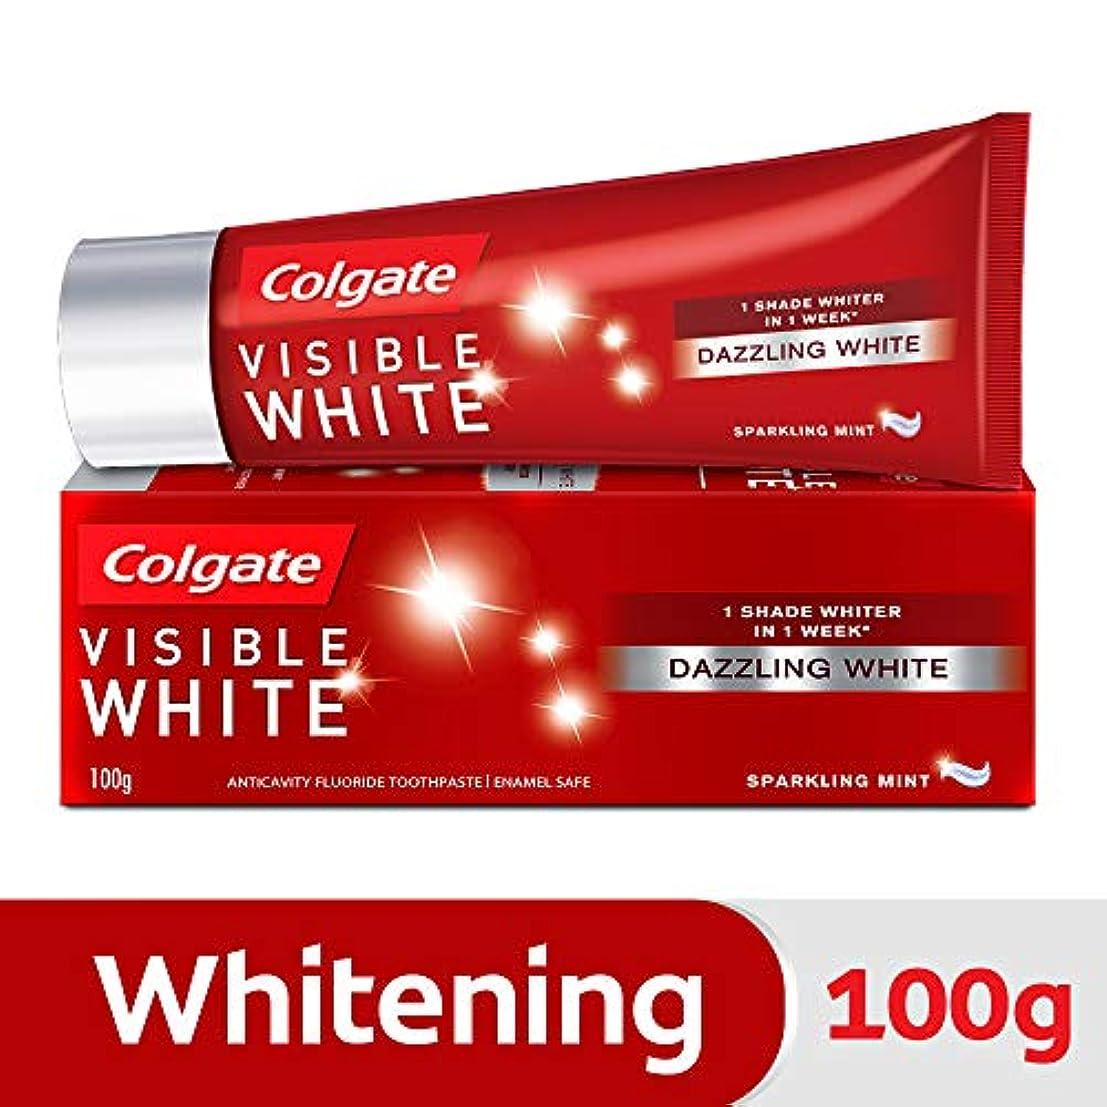 病んでいる東かもしれないColgate Visible White Dazzling White Toothpaste, Sparkling Mint - 100gm